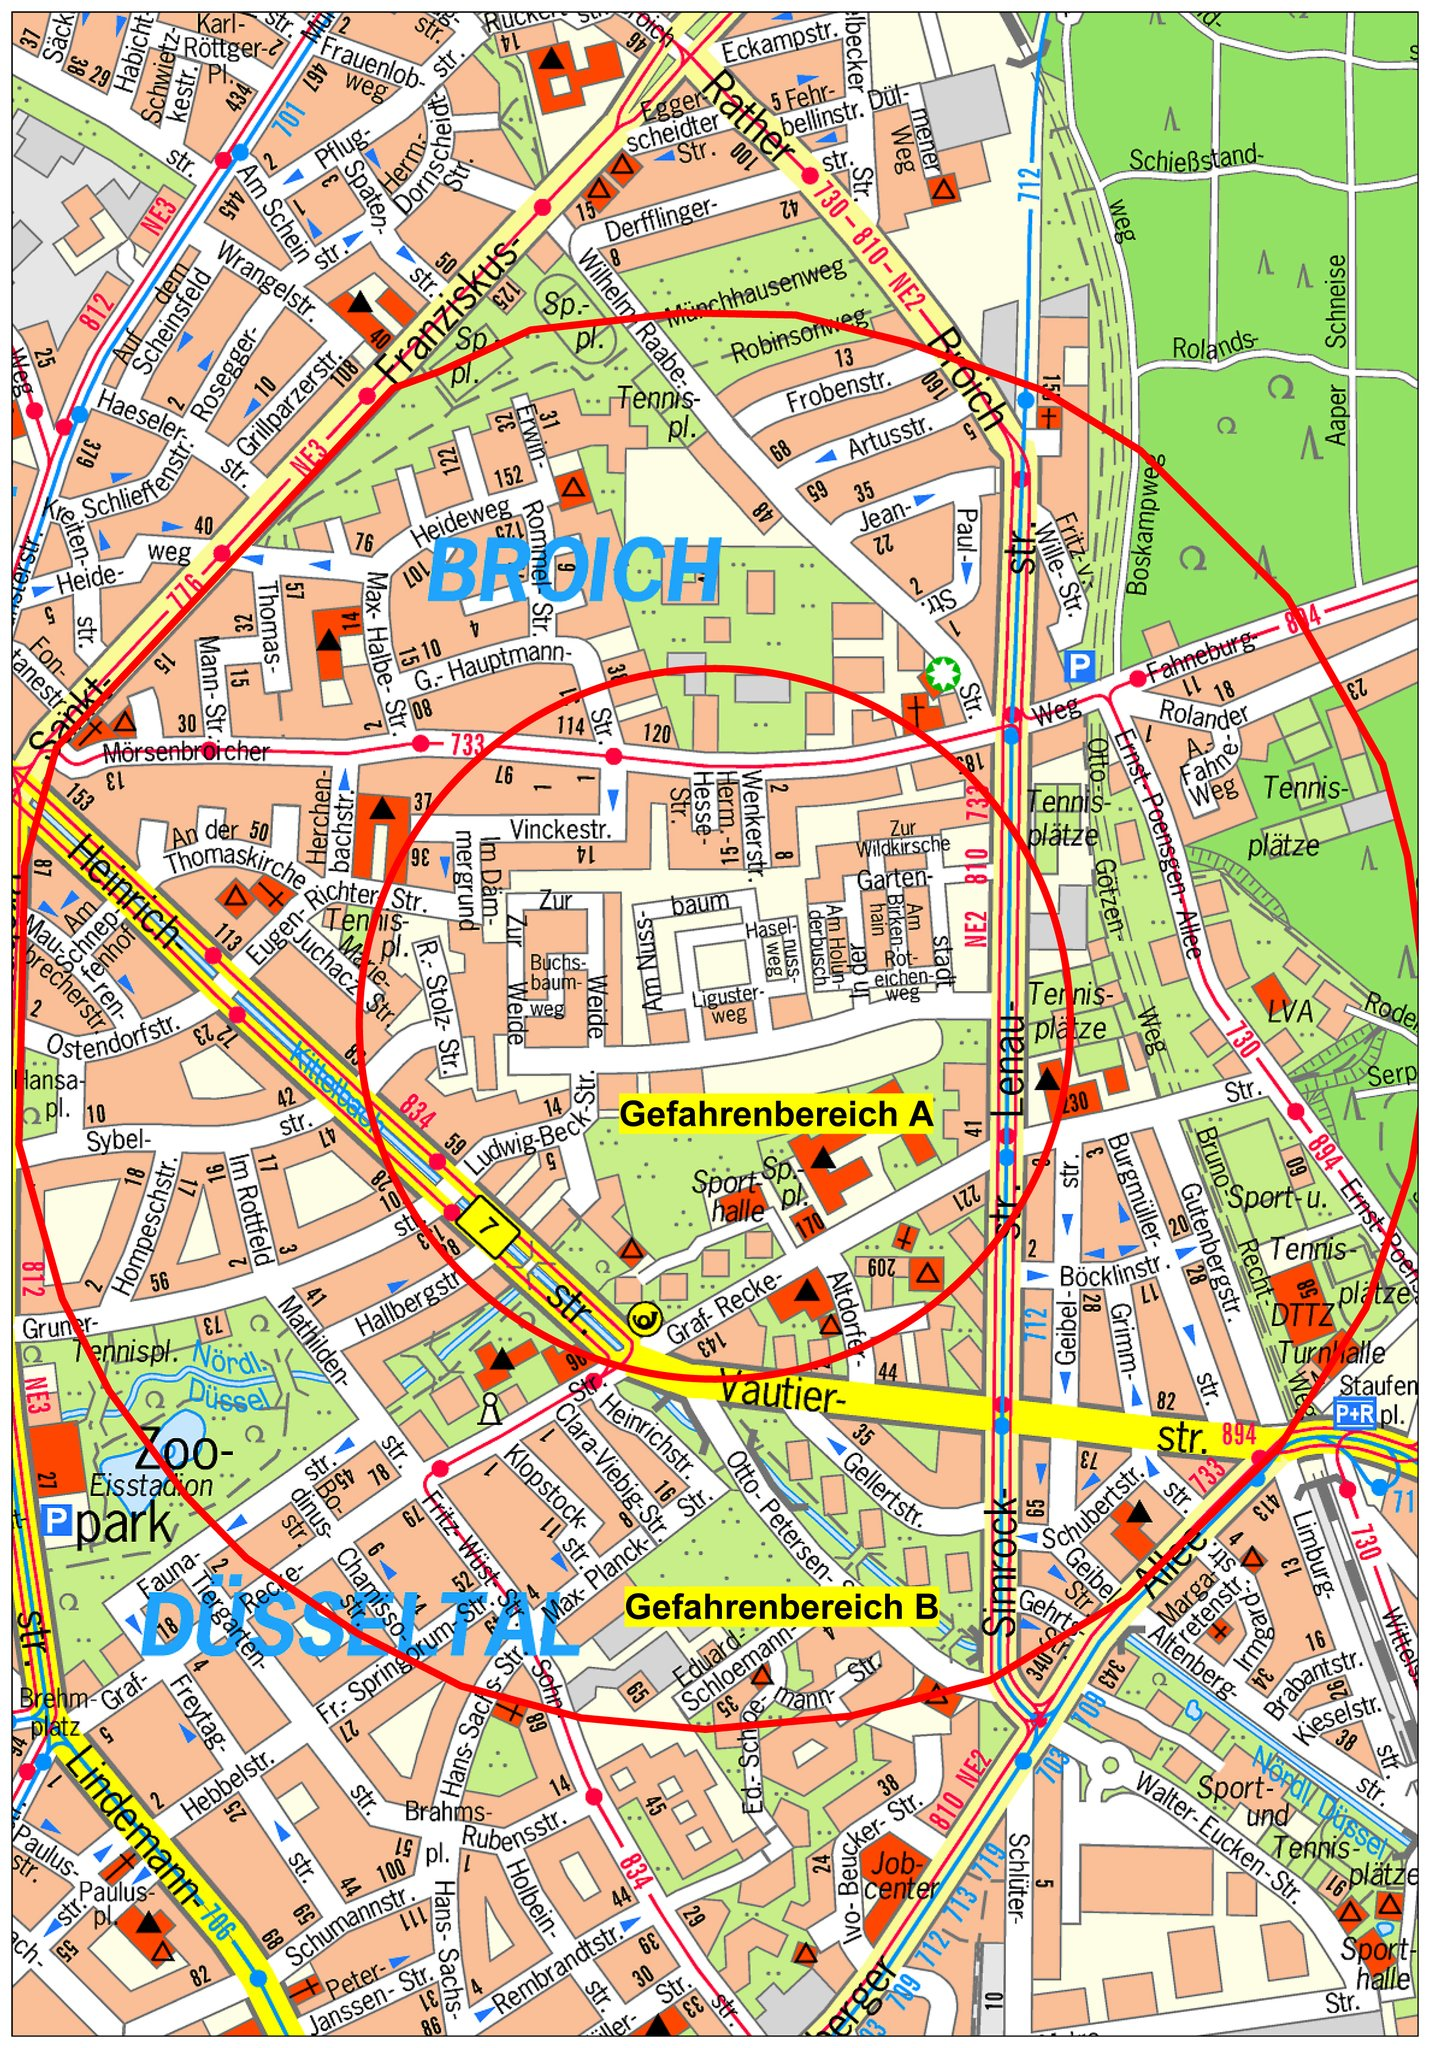 Düsseldorf Karte.Bombenfund In Mörsenbroich Anwohner Müssen Häuser Verlassen